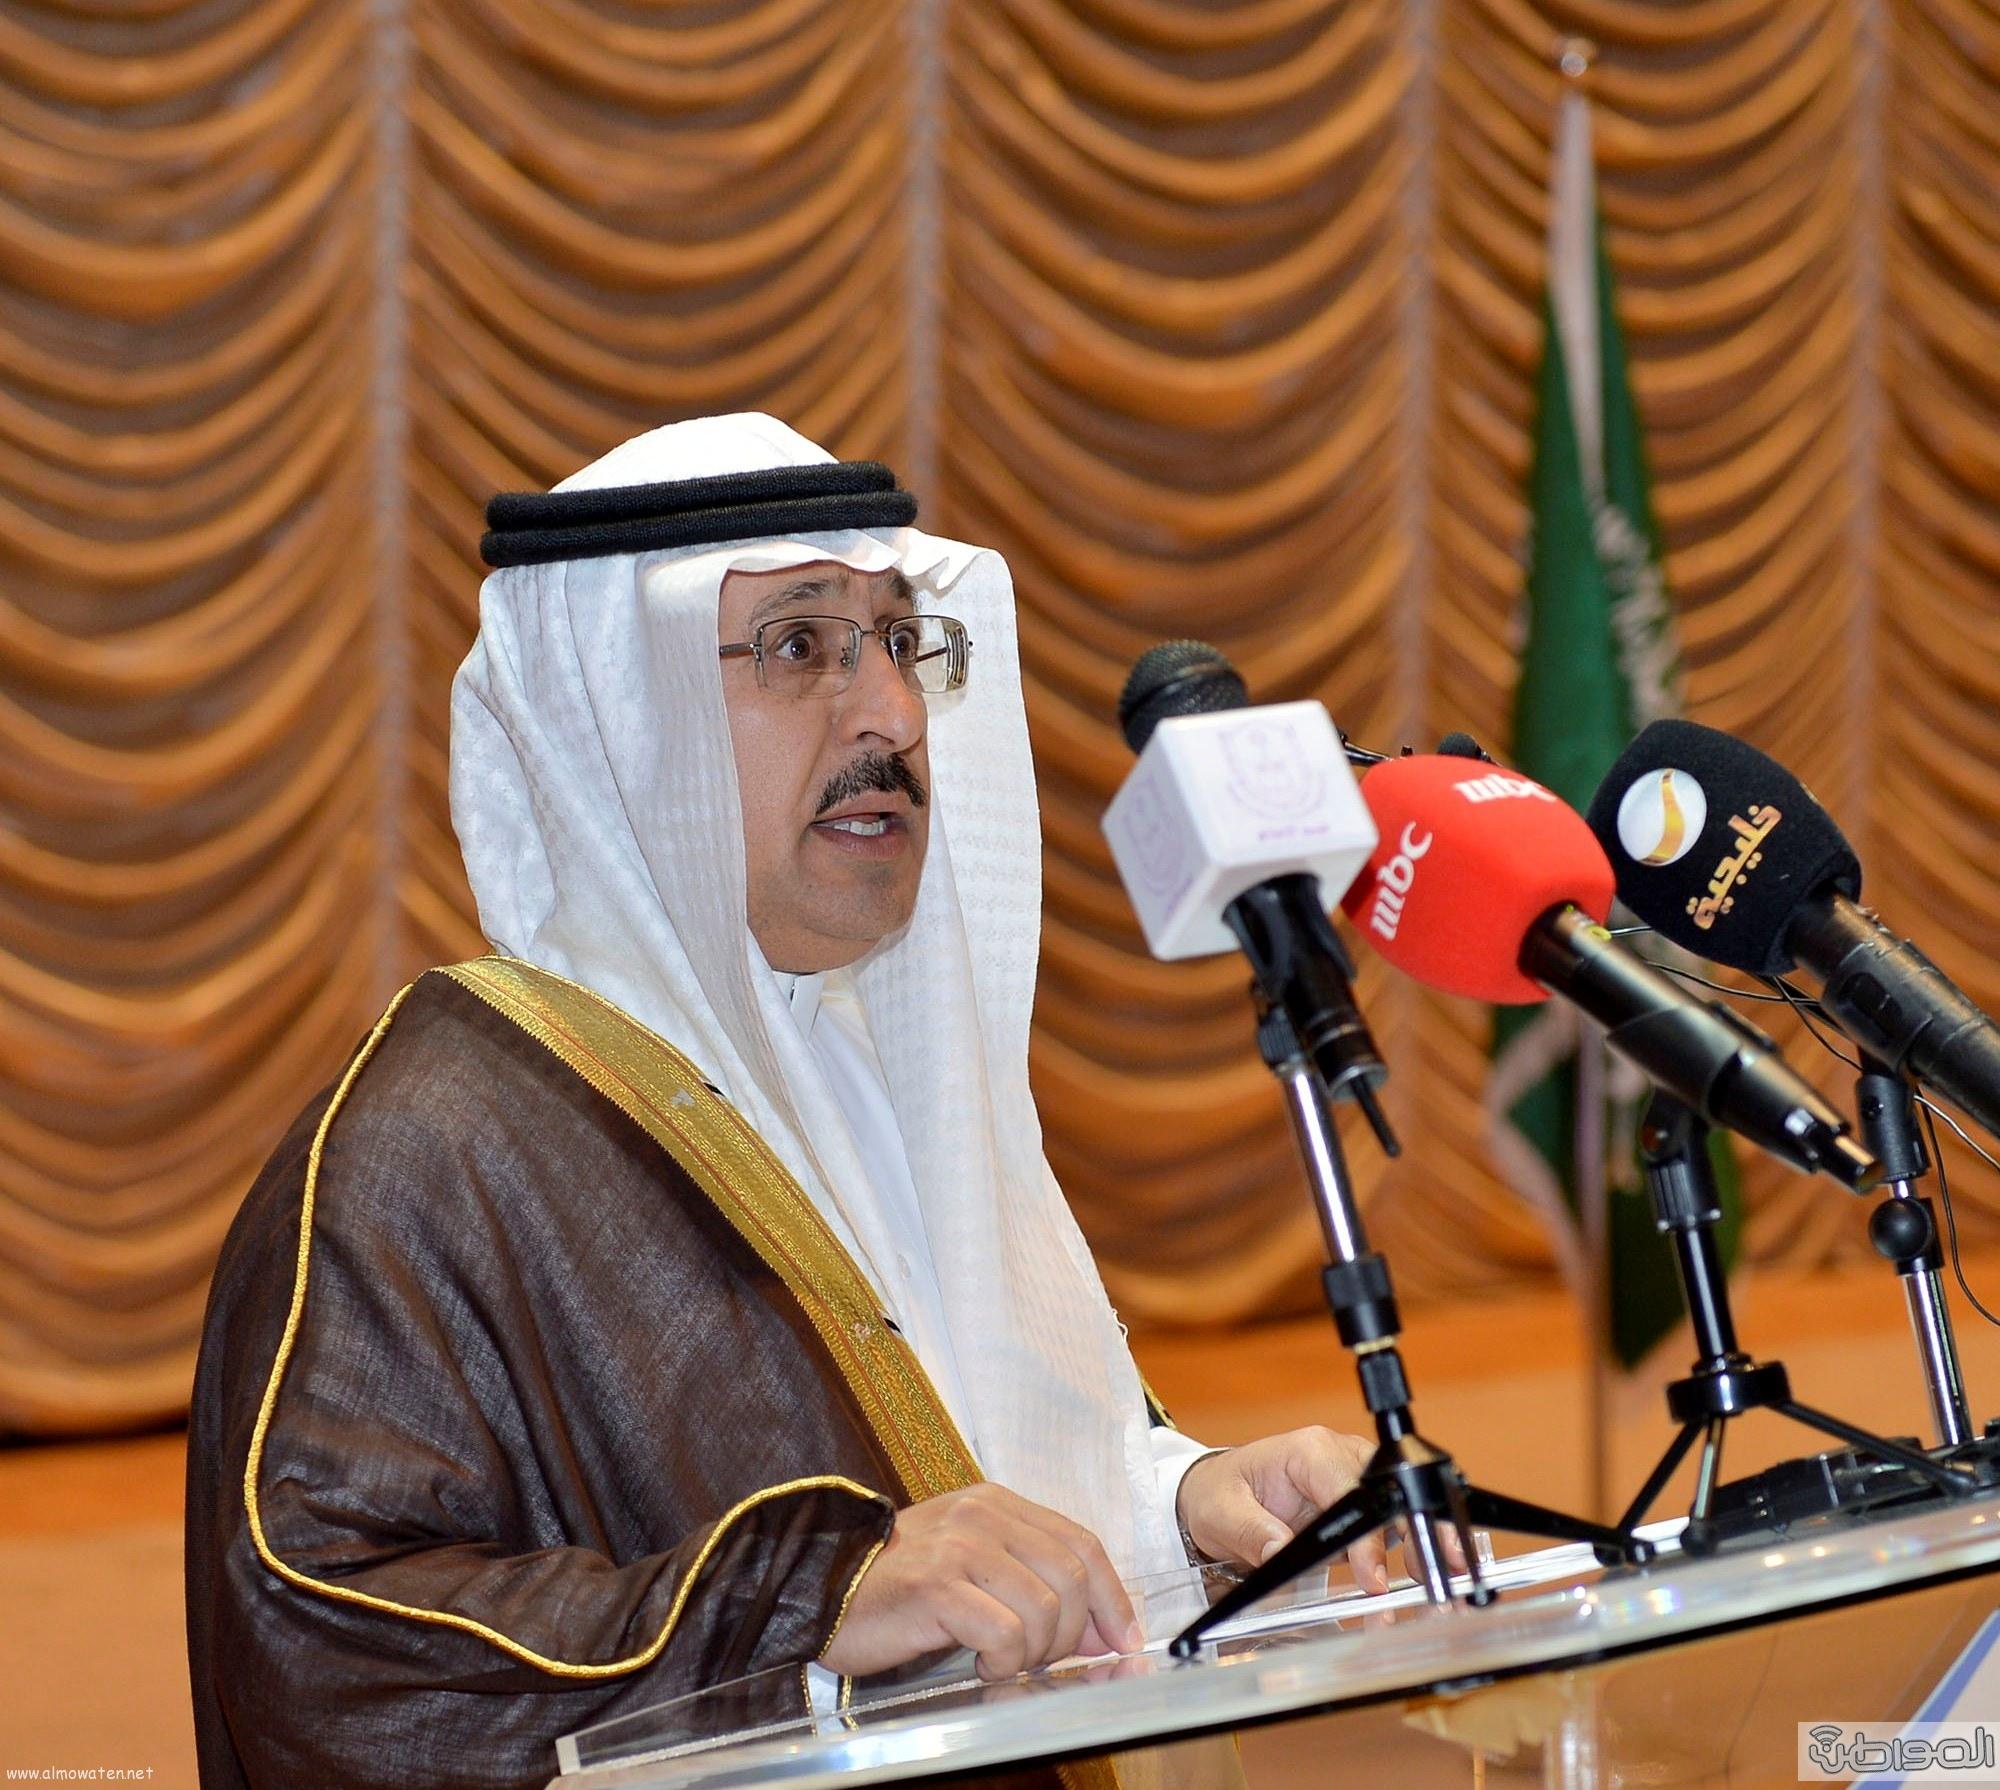 امير الرياض خلال رعاية طموح ملك لمستقبل وطن (8)